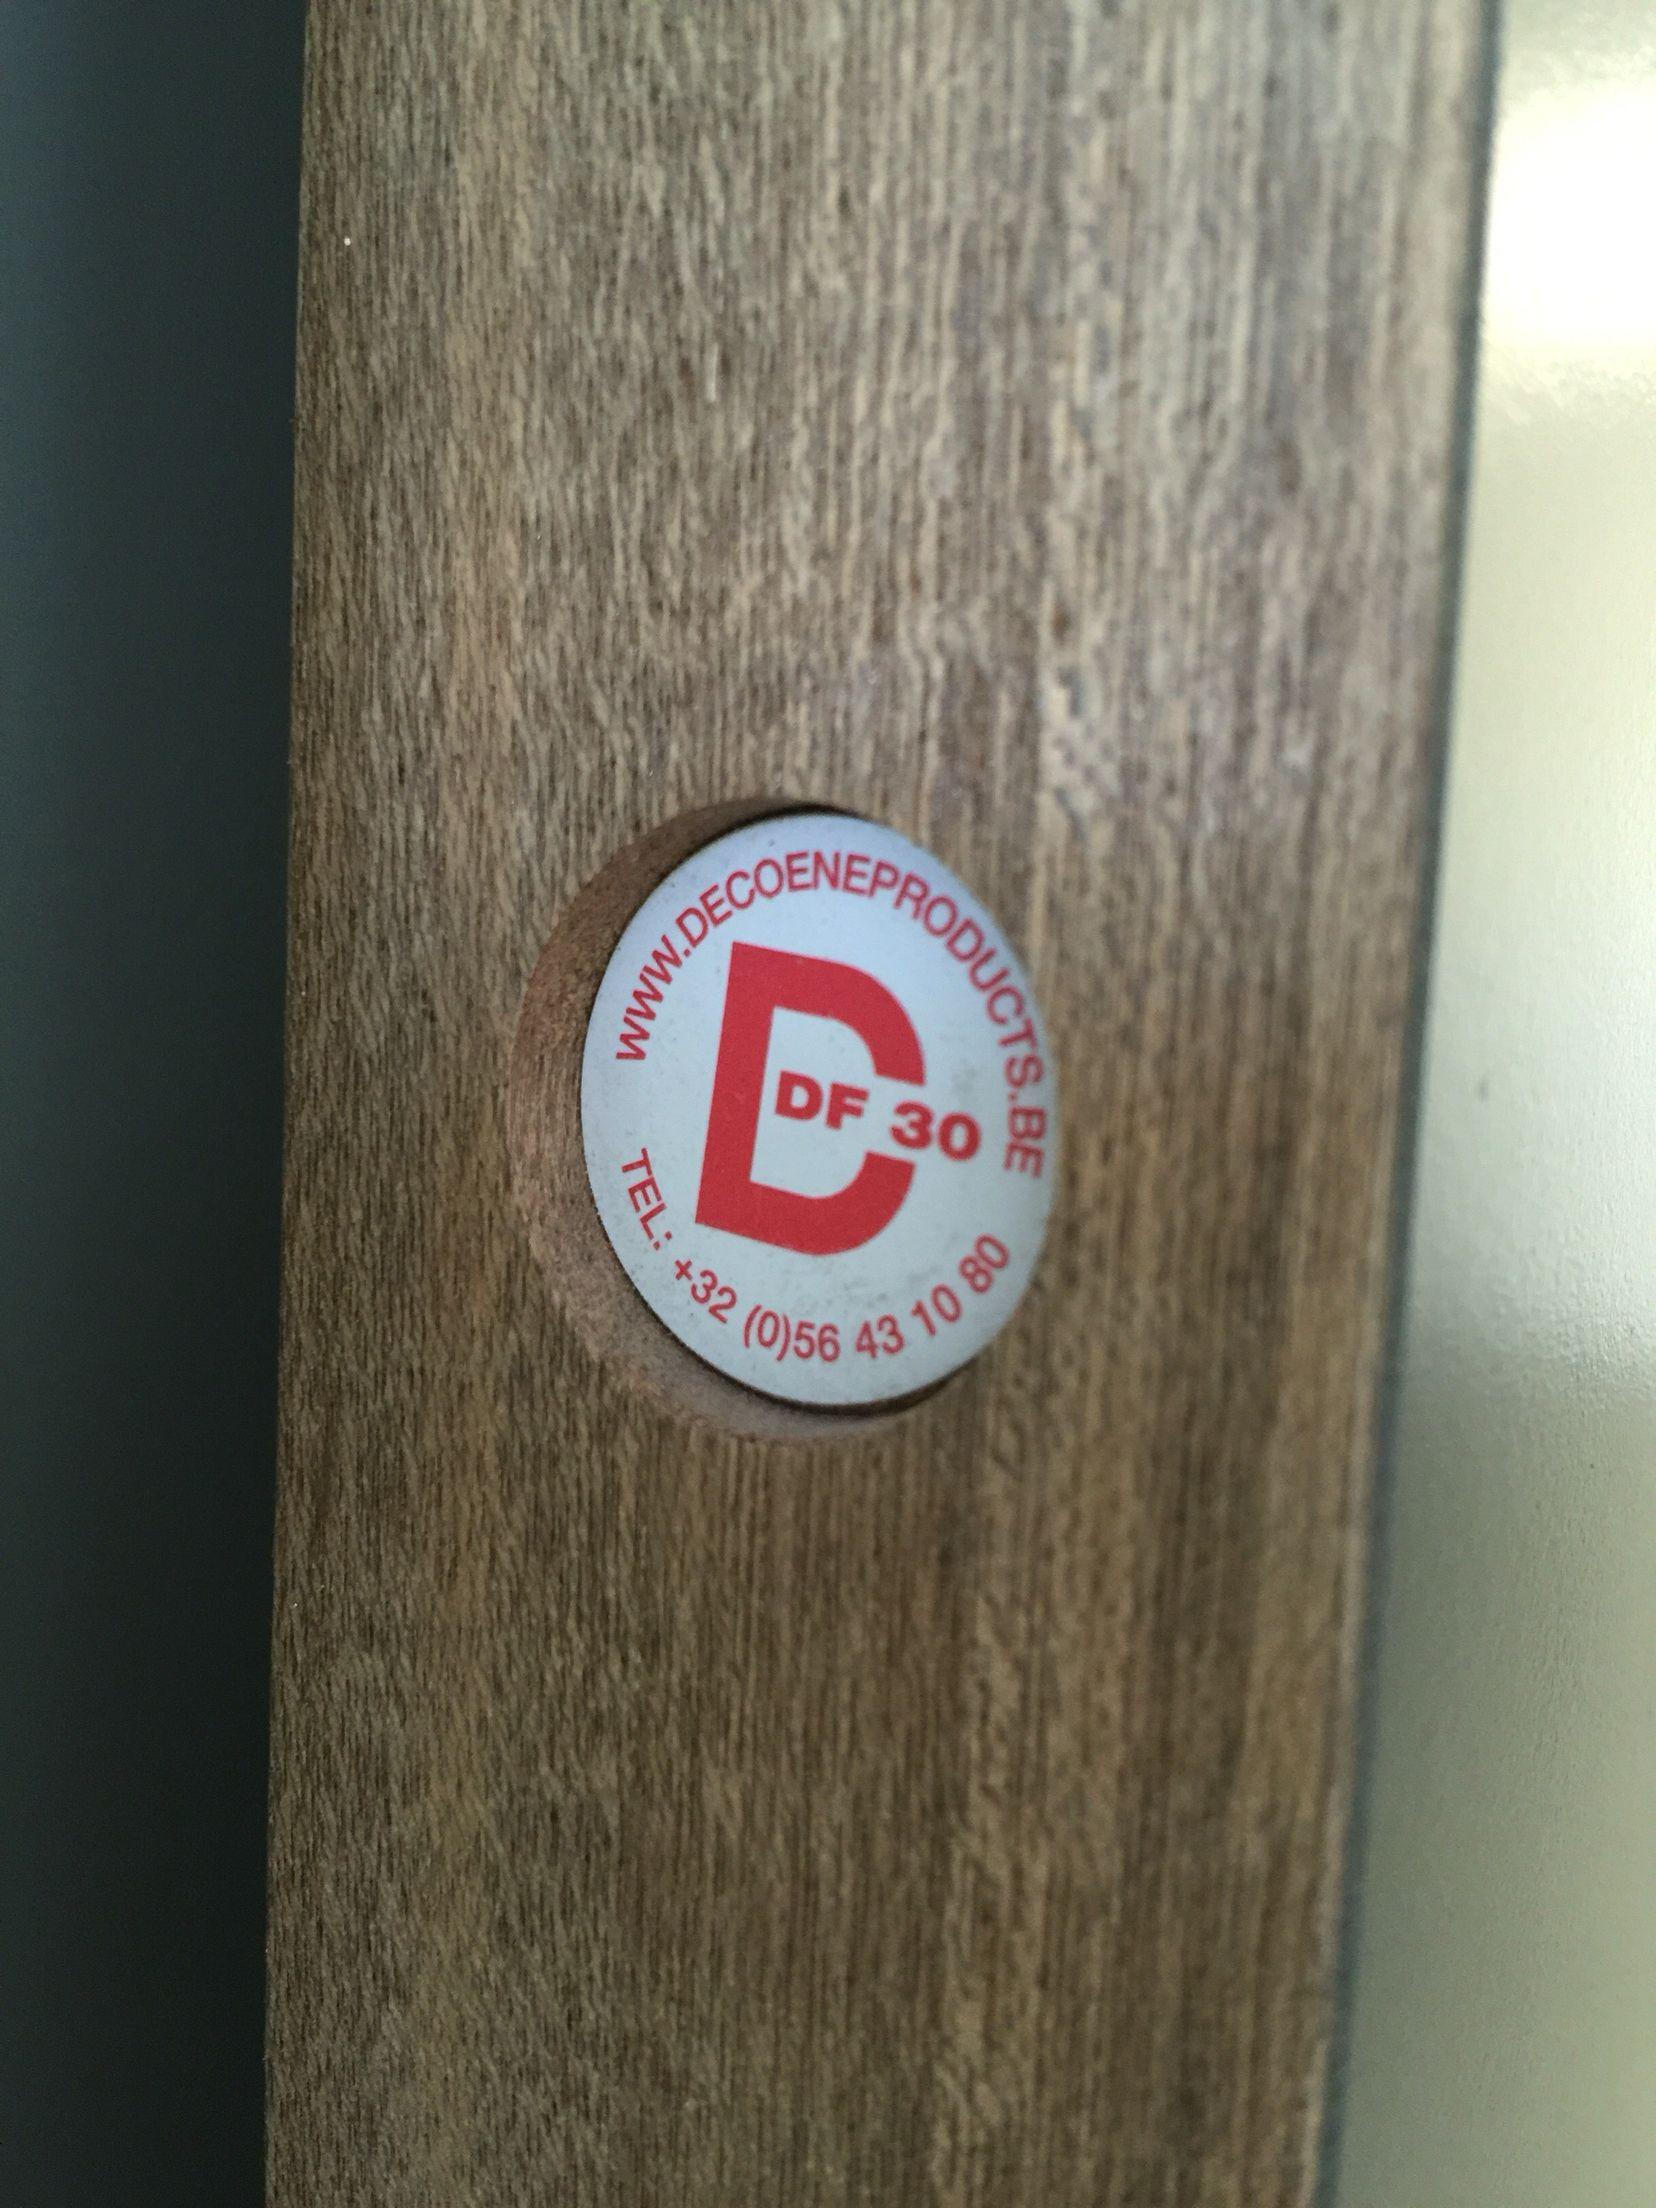 Dit is een logo sticker aan de achterrand van een deur dat een punt vormt.